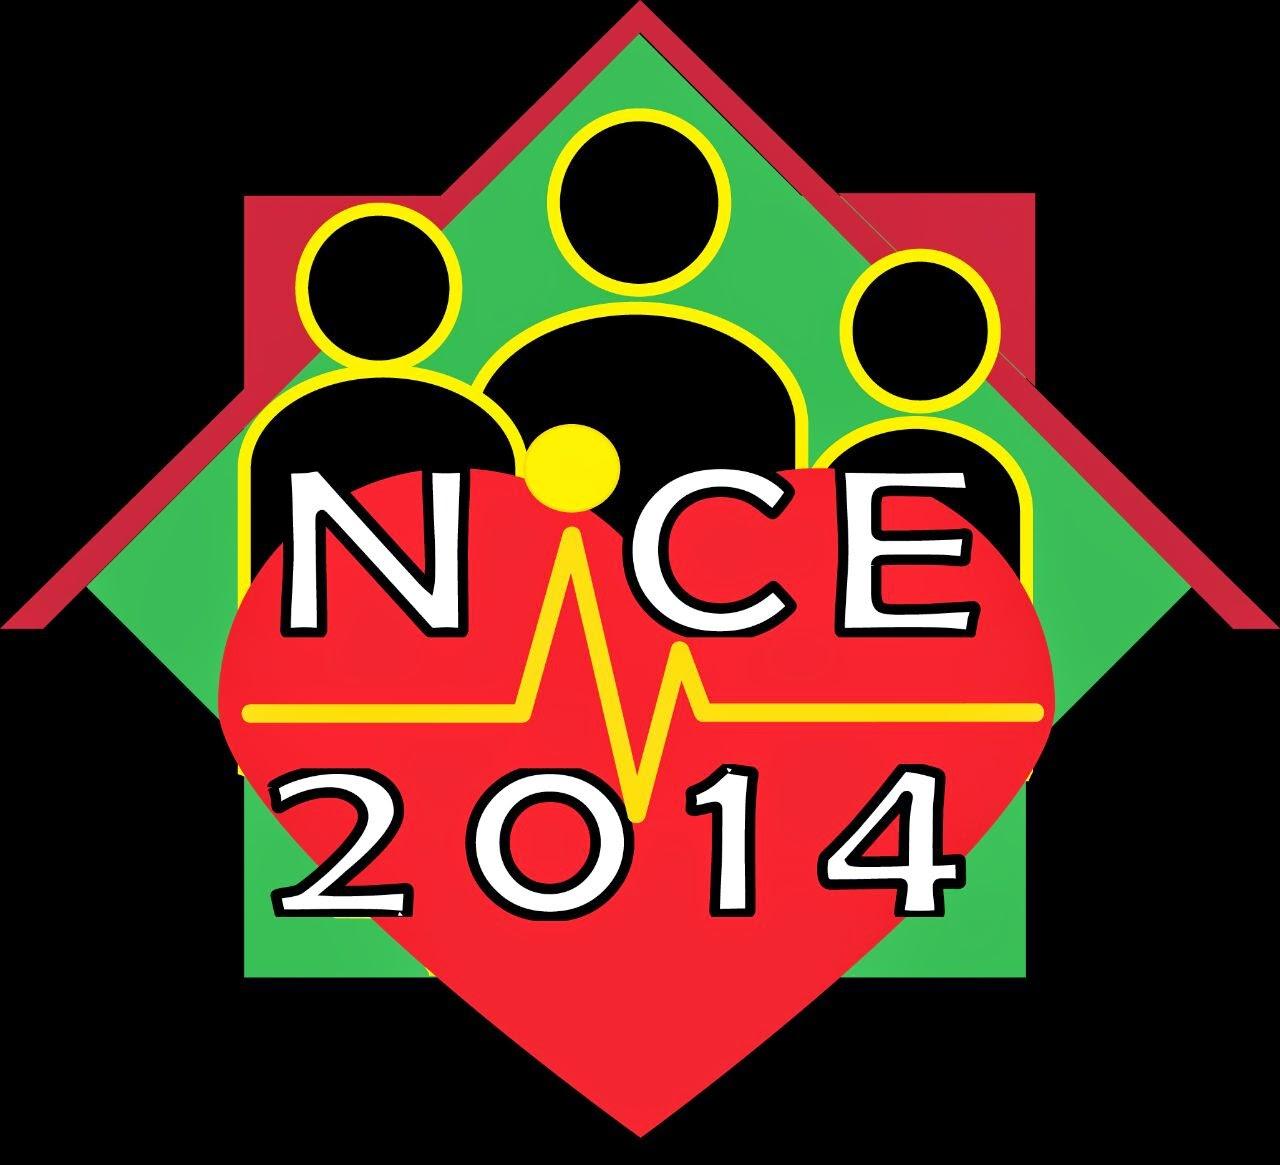 NICE 2014